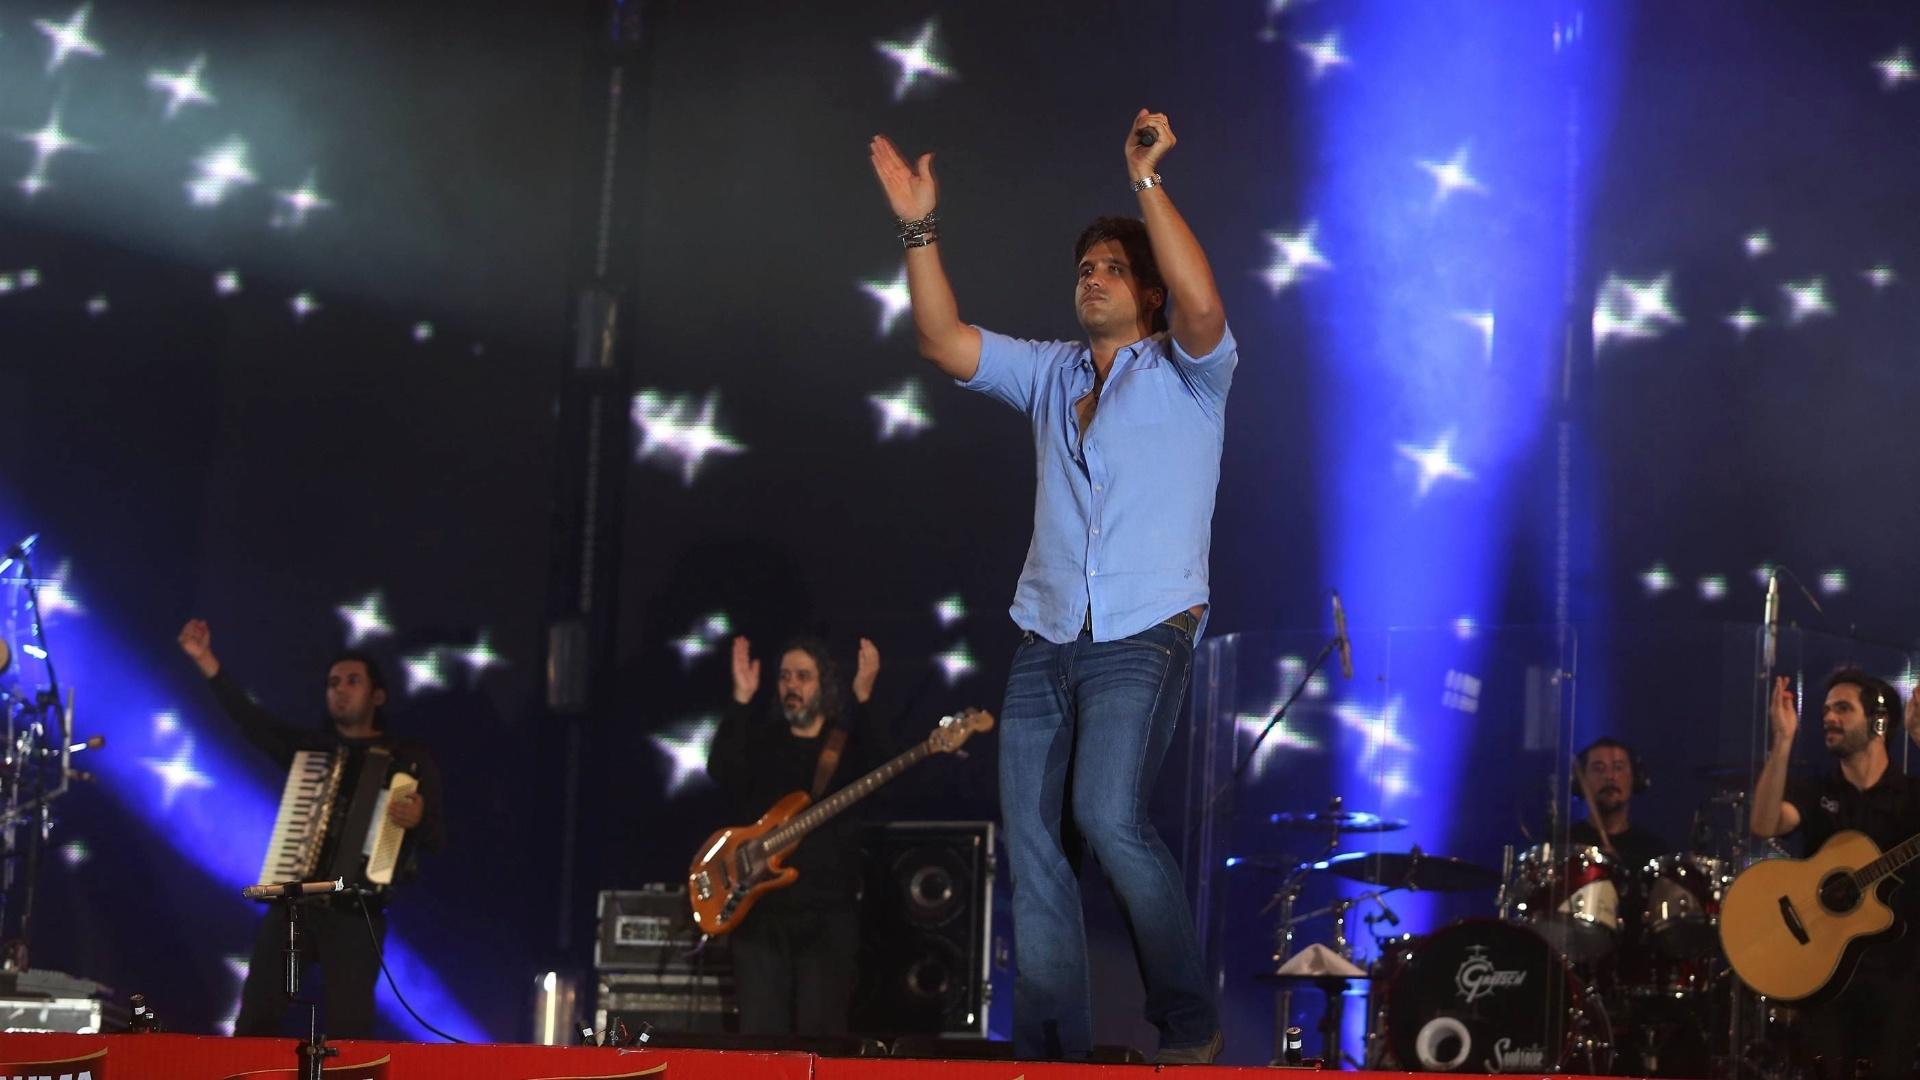 Leo, da dupla Victor e Leo, durante show no segundo dia da 57ª edição da Festa do Peão de Barretos (SP) (17/8/2012)